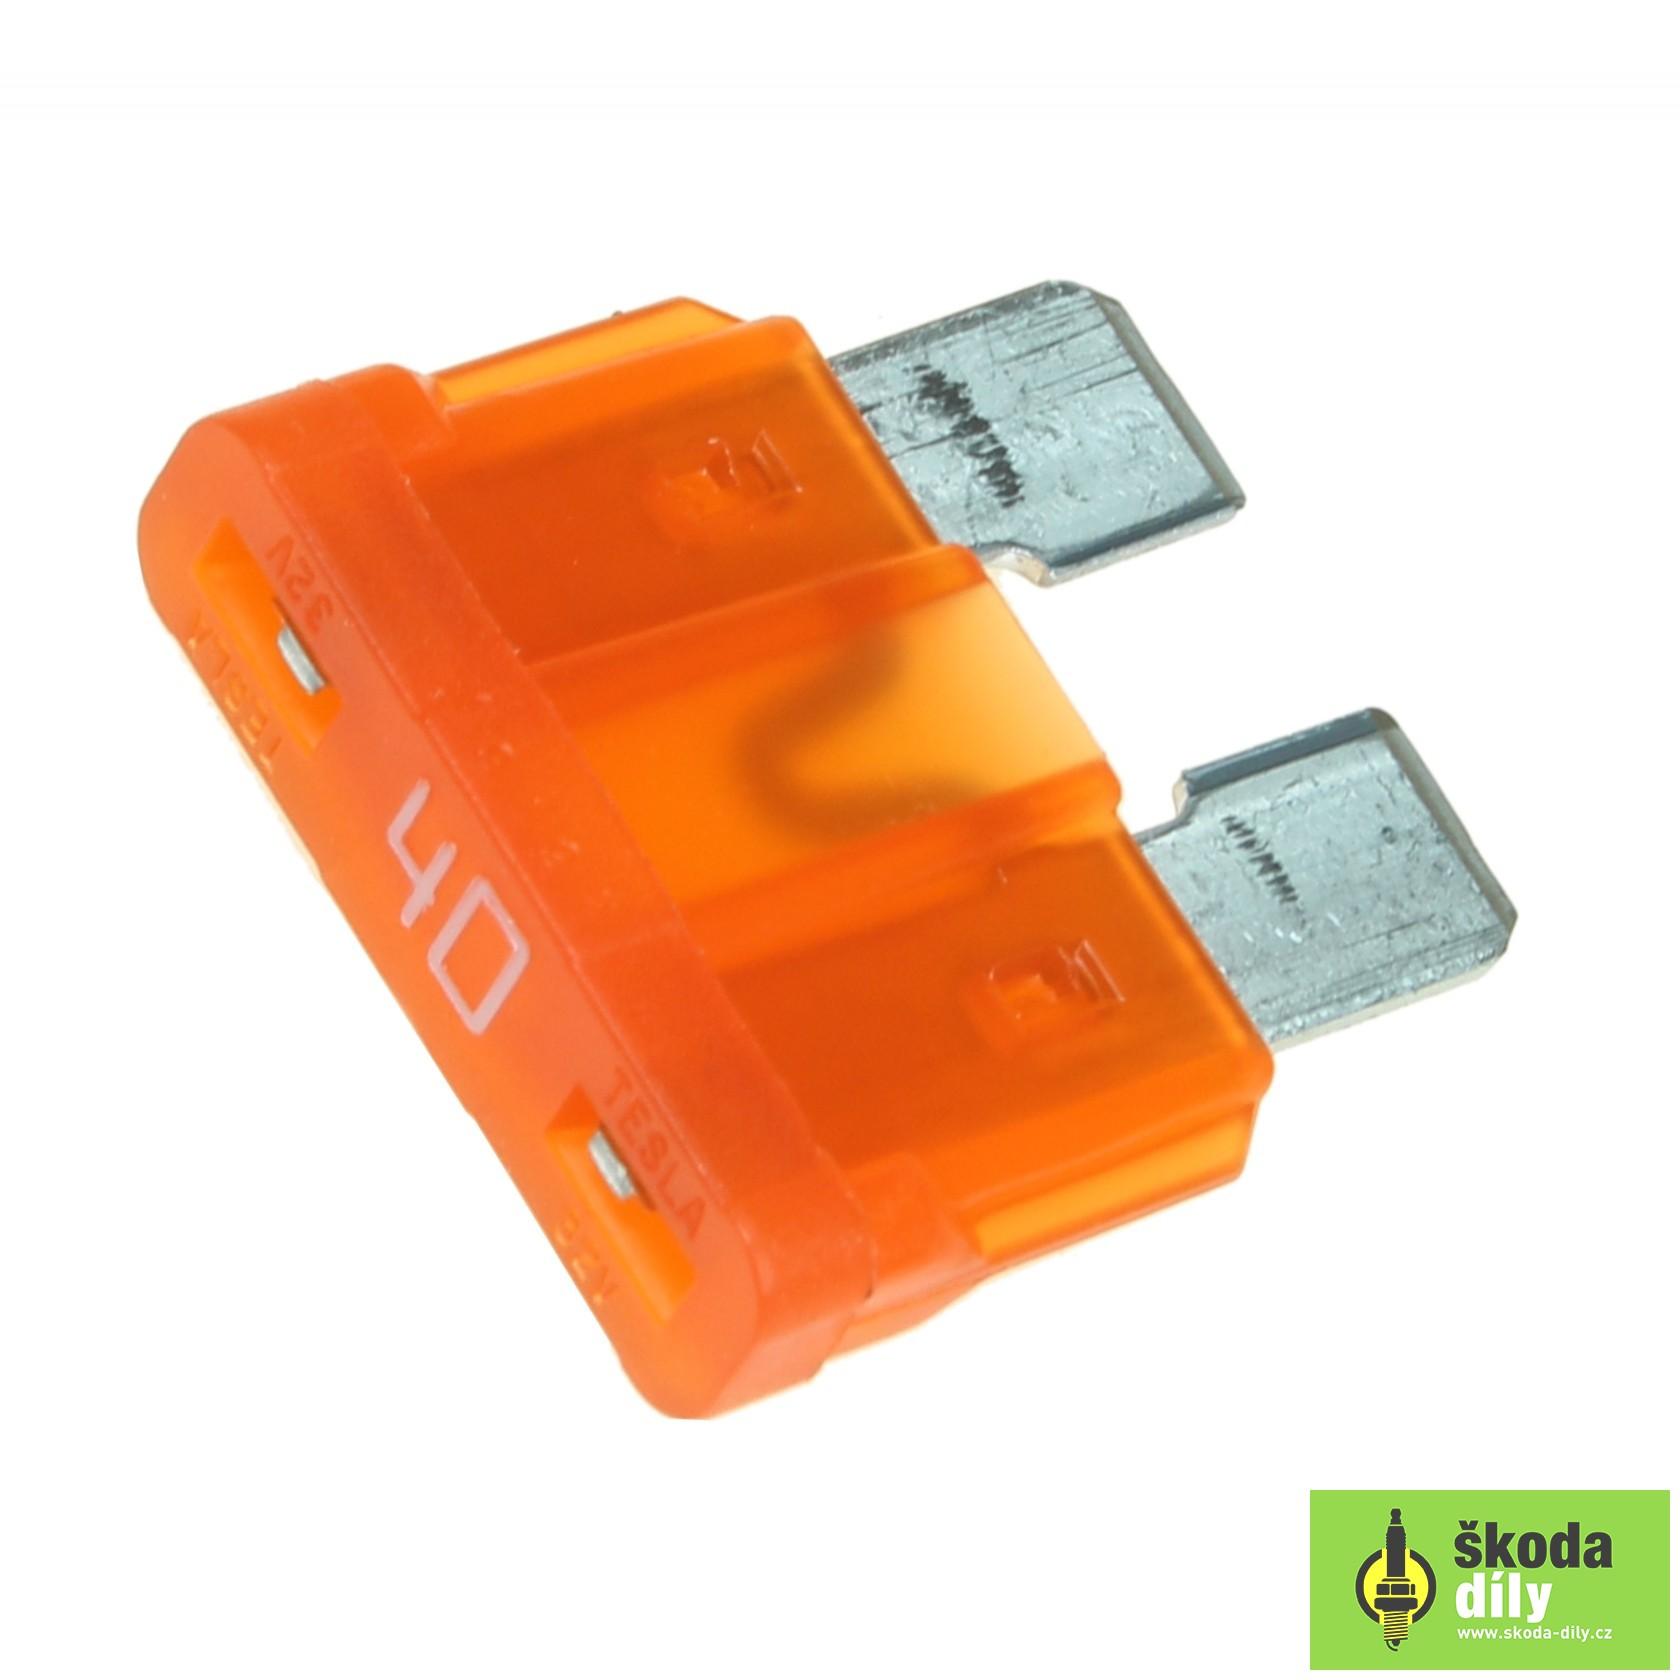 Emergency Fuse 40a Czech Republic N01713120 Skoda Yeti Box